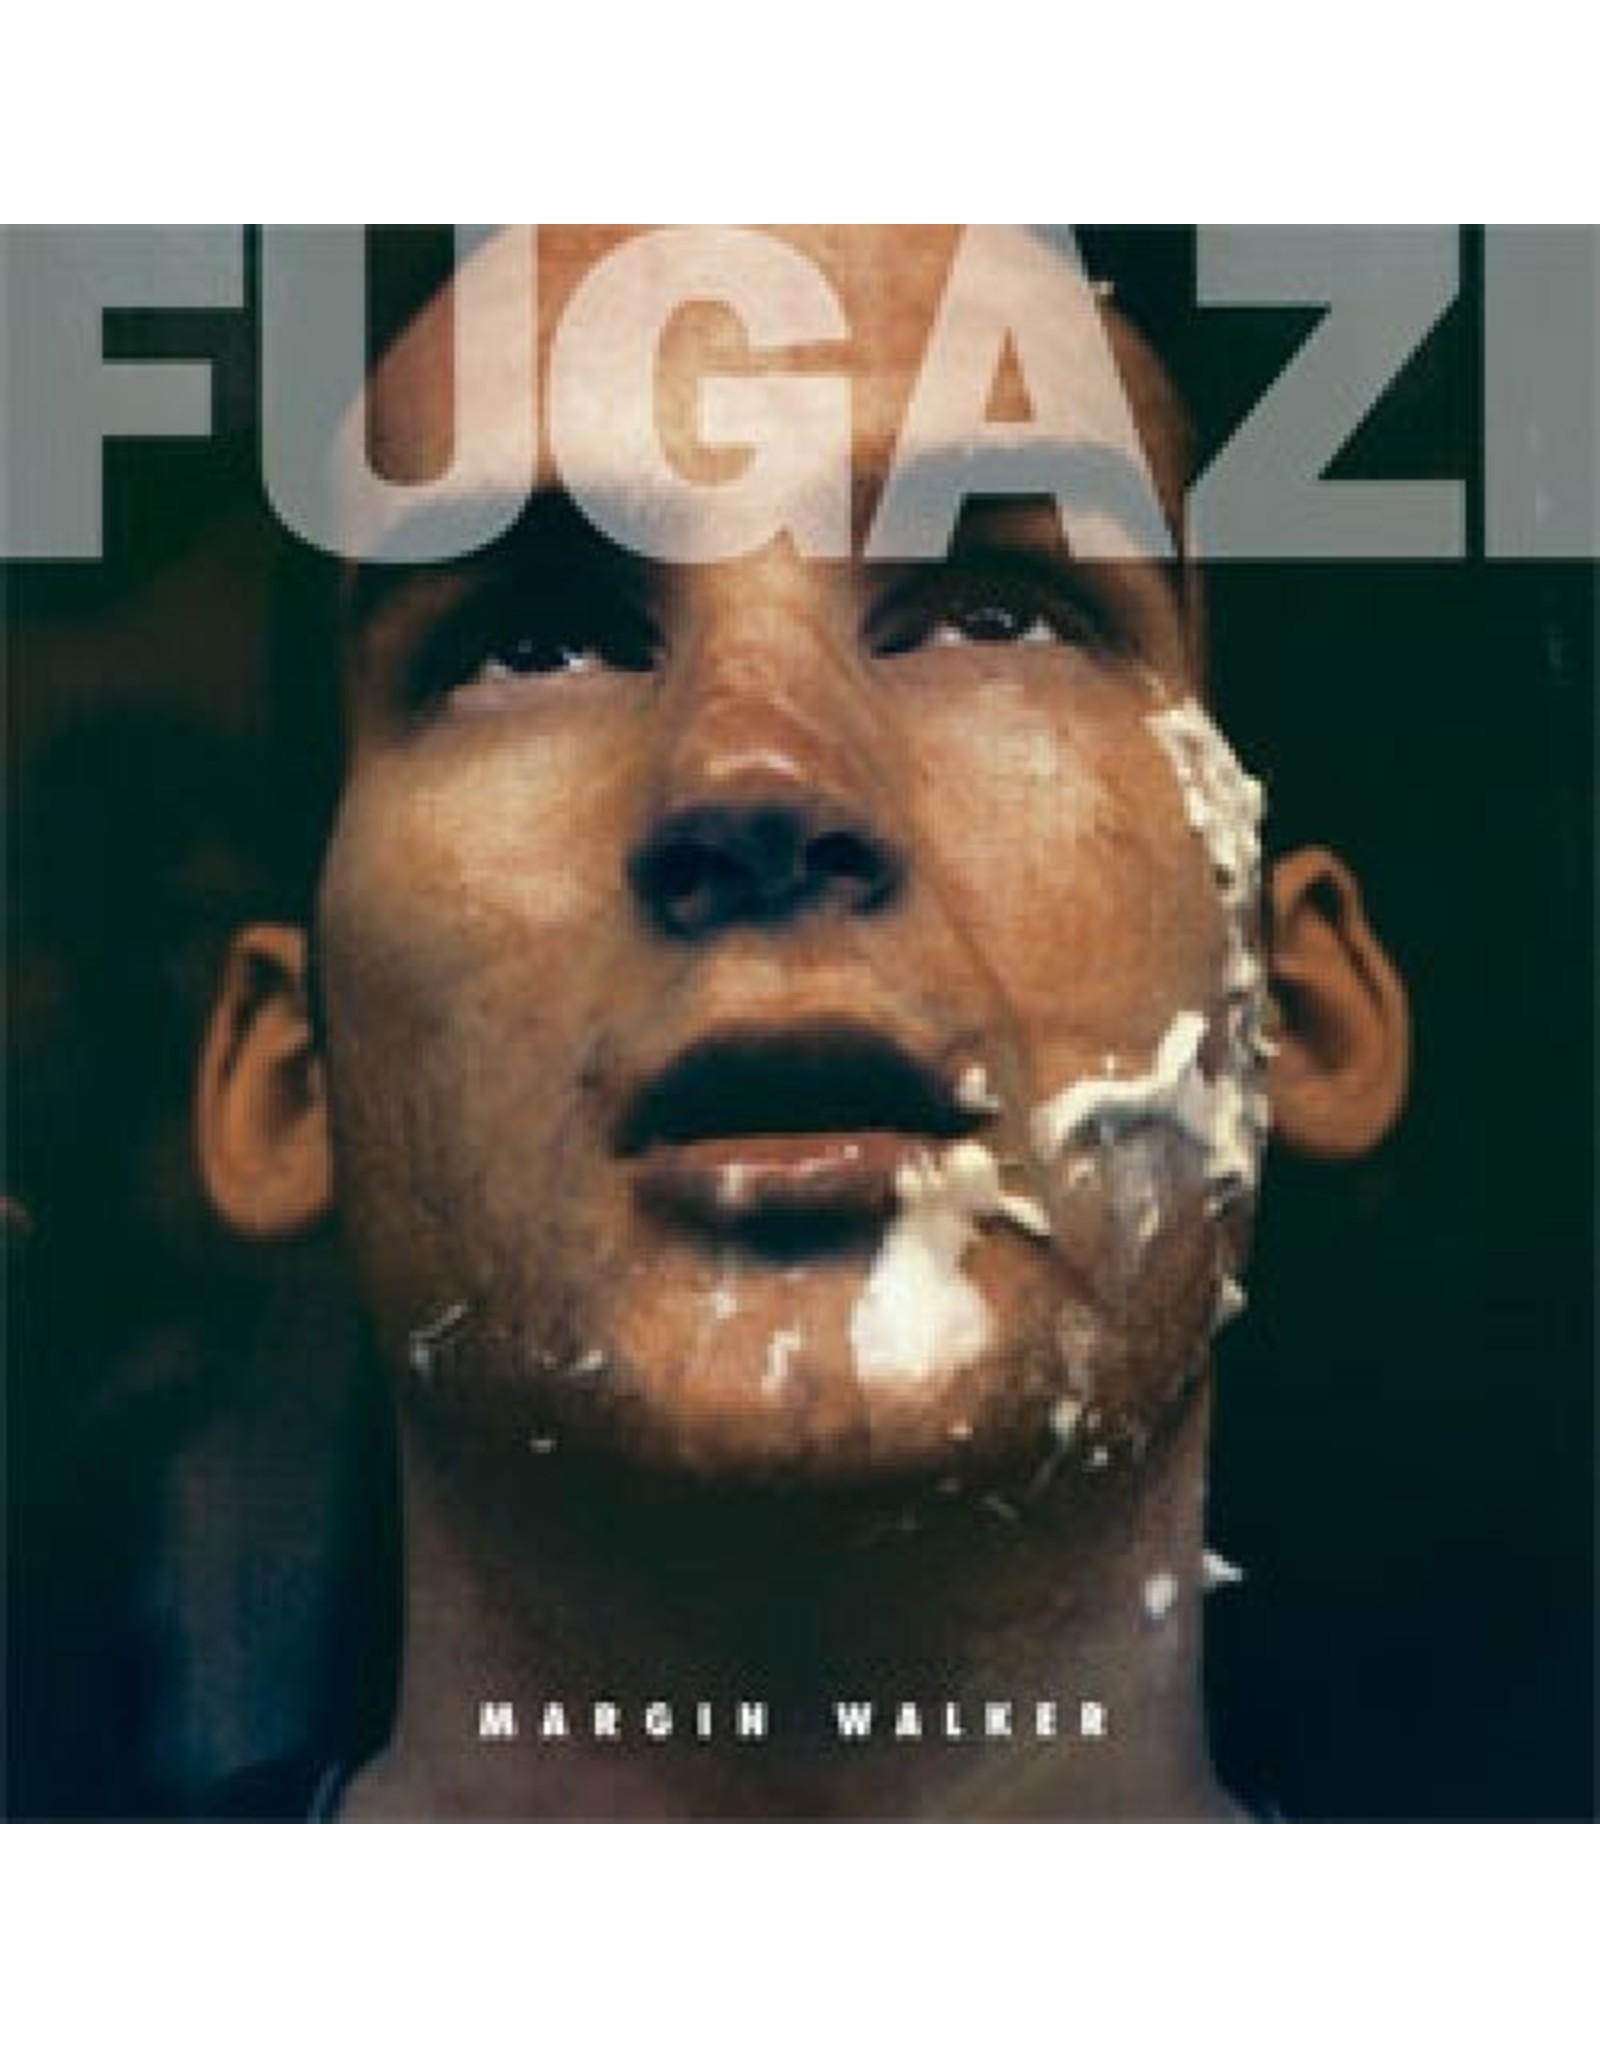 """New Vinyl Fugazi - Margin Walker EP 12"""""""